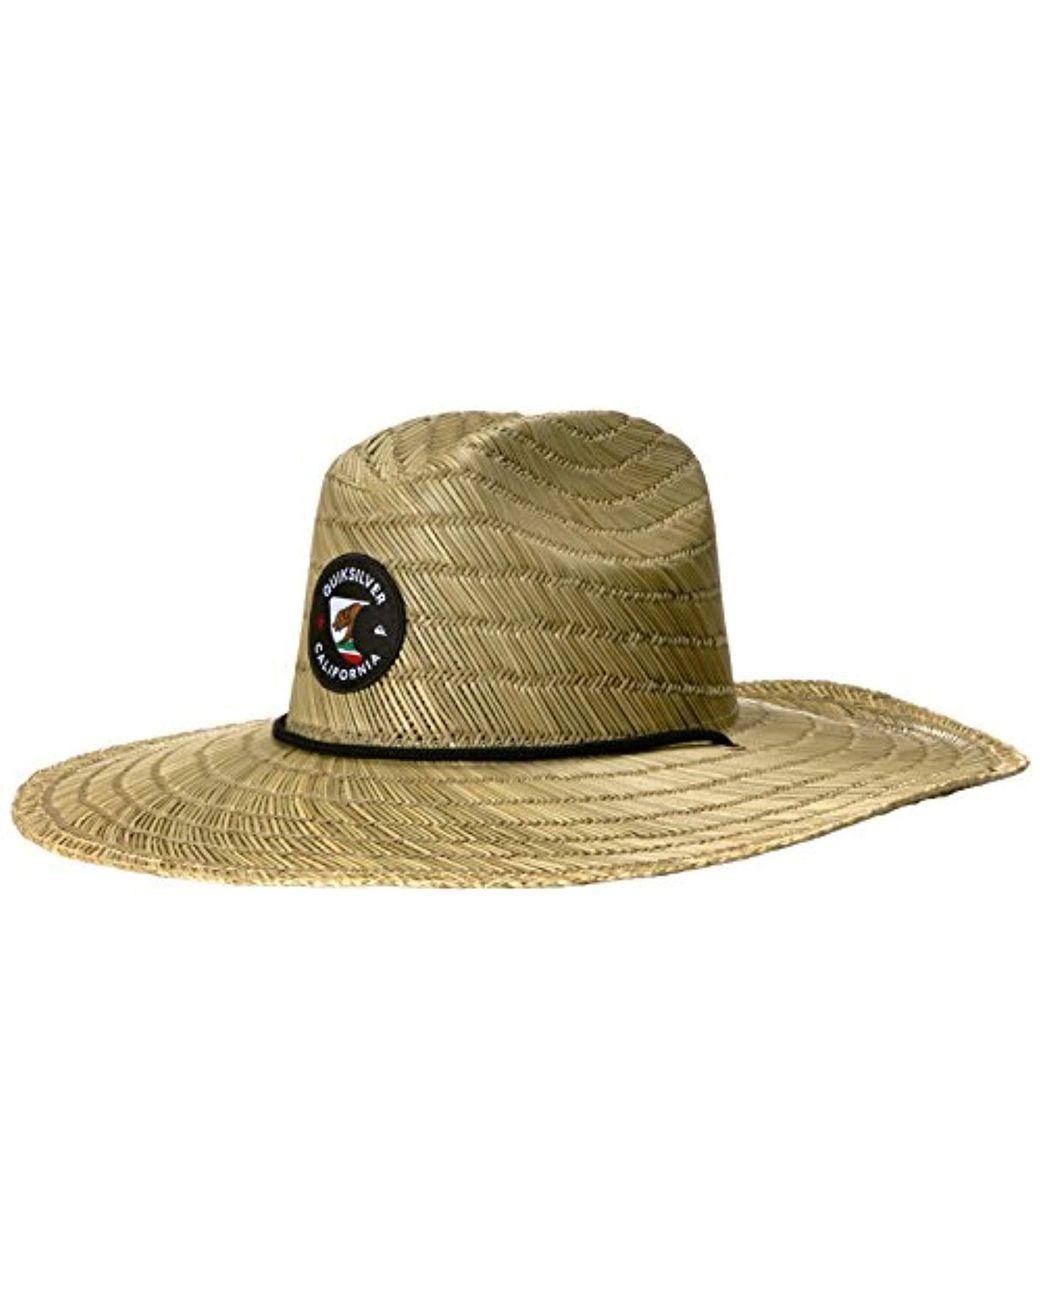 7d01ba808817c Lyst - Quiksilver Destinado Pierside Sun Hat for Men